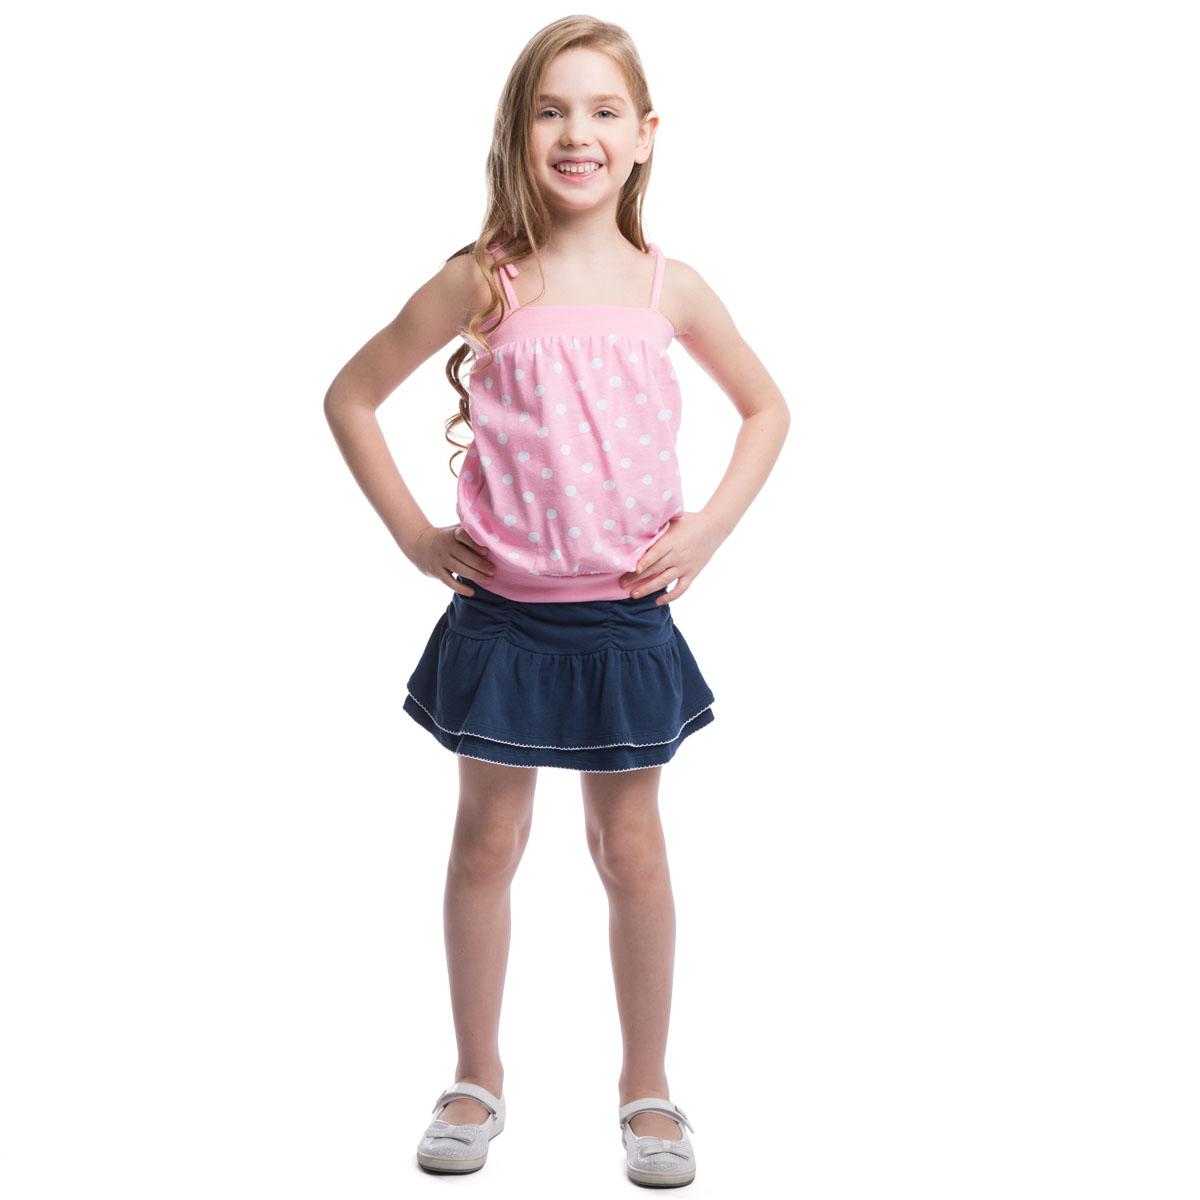 Юбка для девочек. 262020262020Мягкая хлопковая юбка темно-синего цвета. Необычный крой и женственный фасон. Двойной подол, верх на резинке. Отделка кроше по низу.